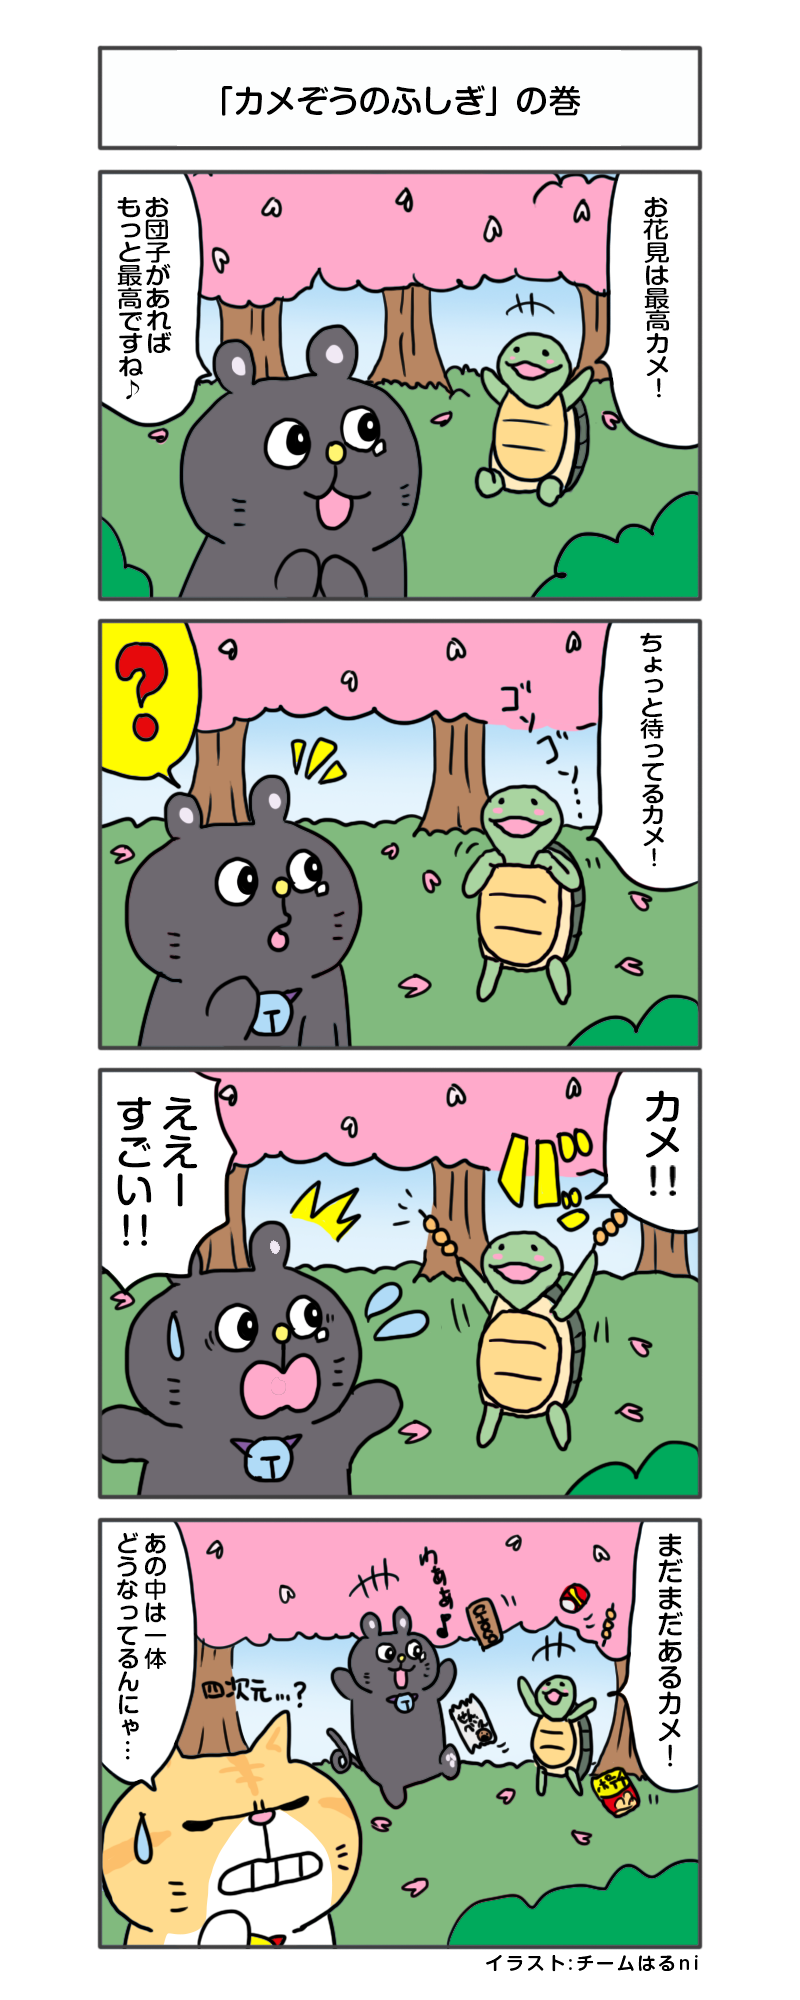 えきぞうmanga_vol.297